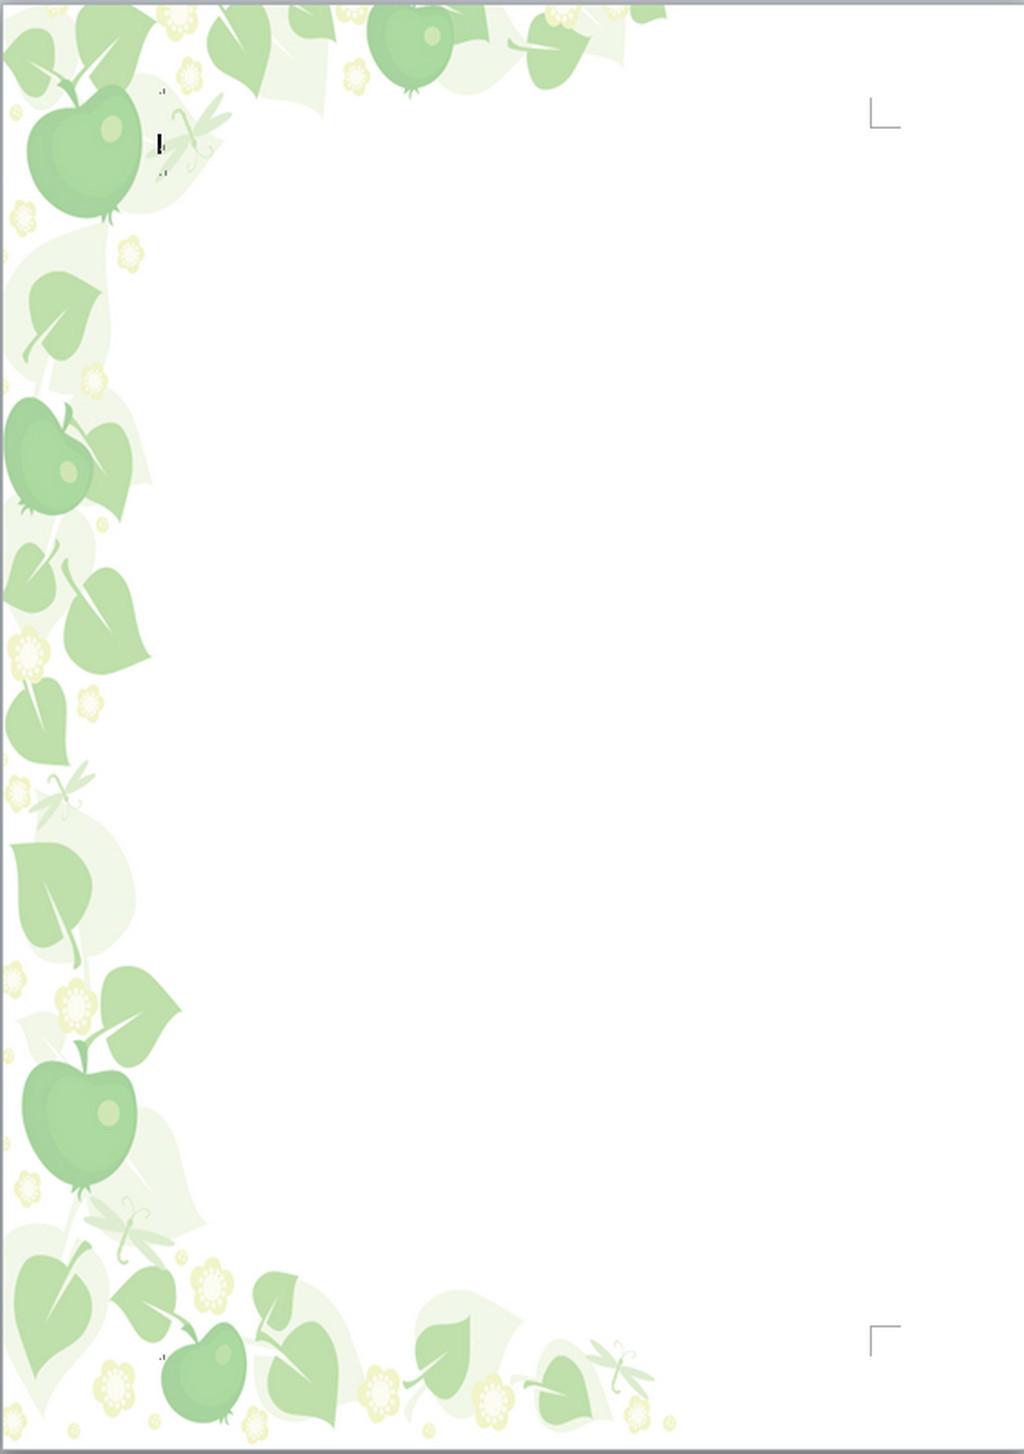 树枝花朵 可爱卡通信纸模板 信纸doc 信纸word2007 a4信纸背景 word20图片